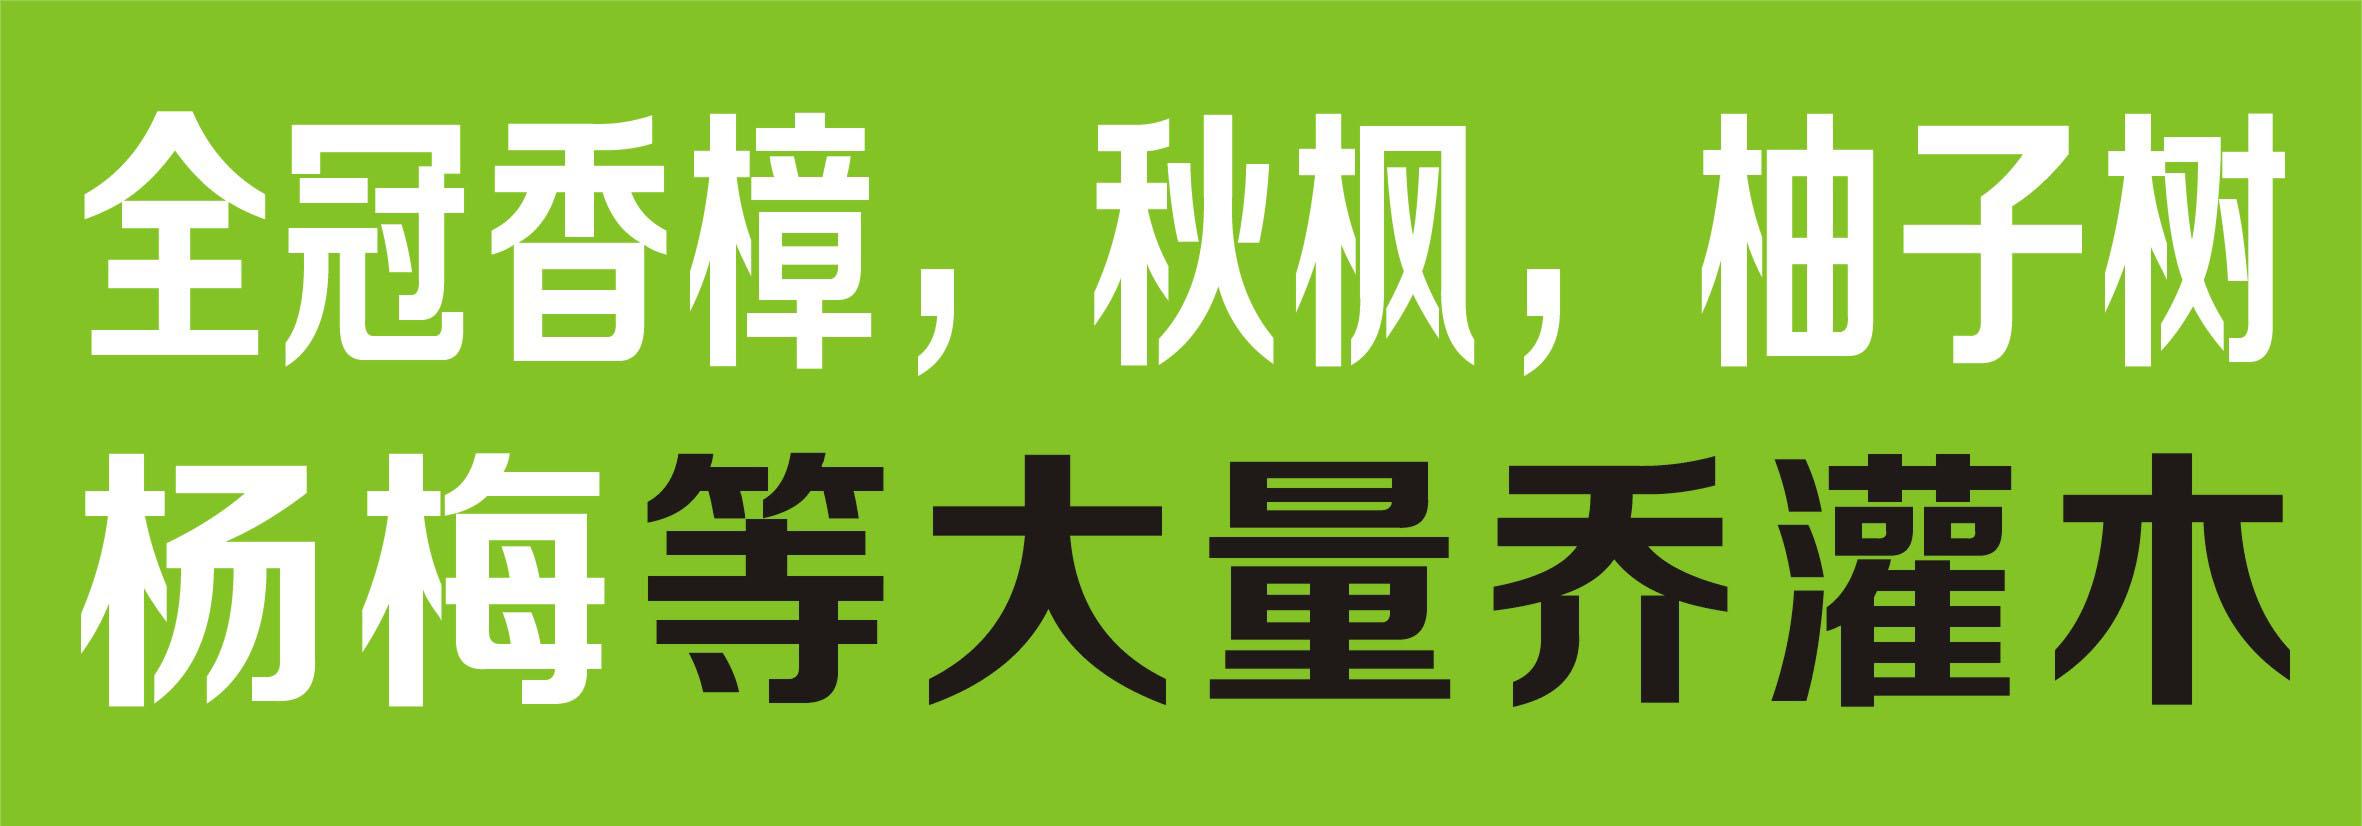 广州全意花卉种植场